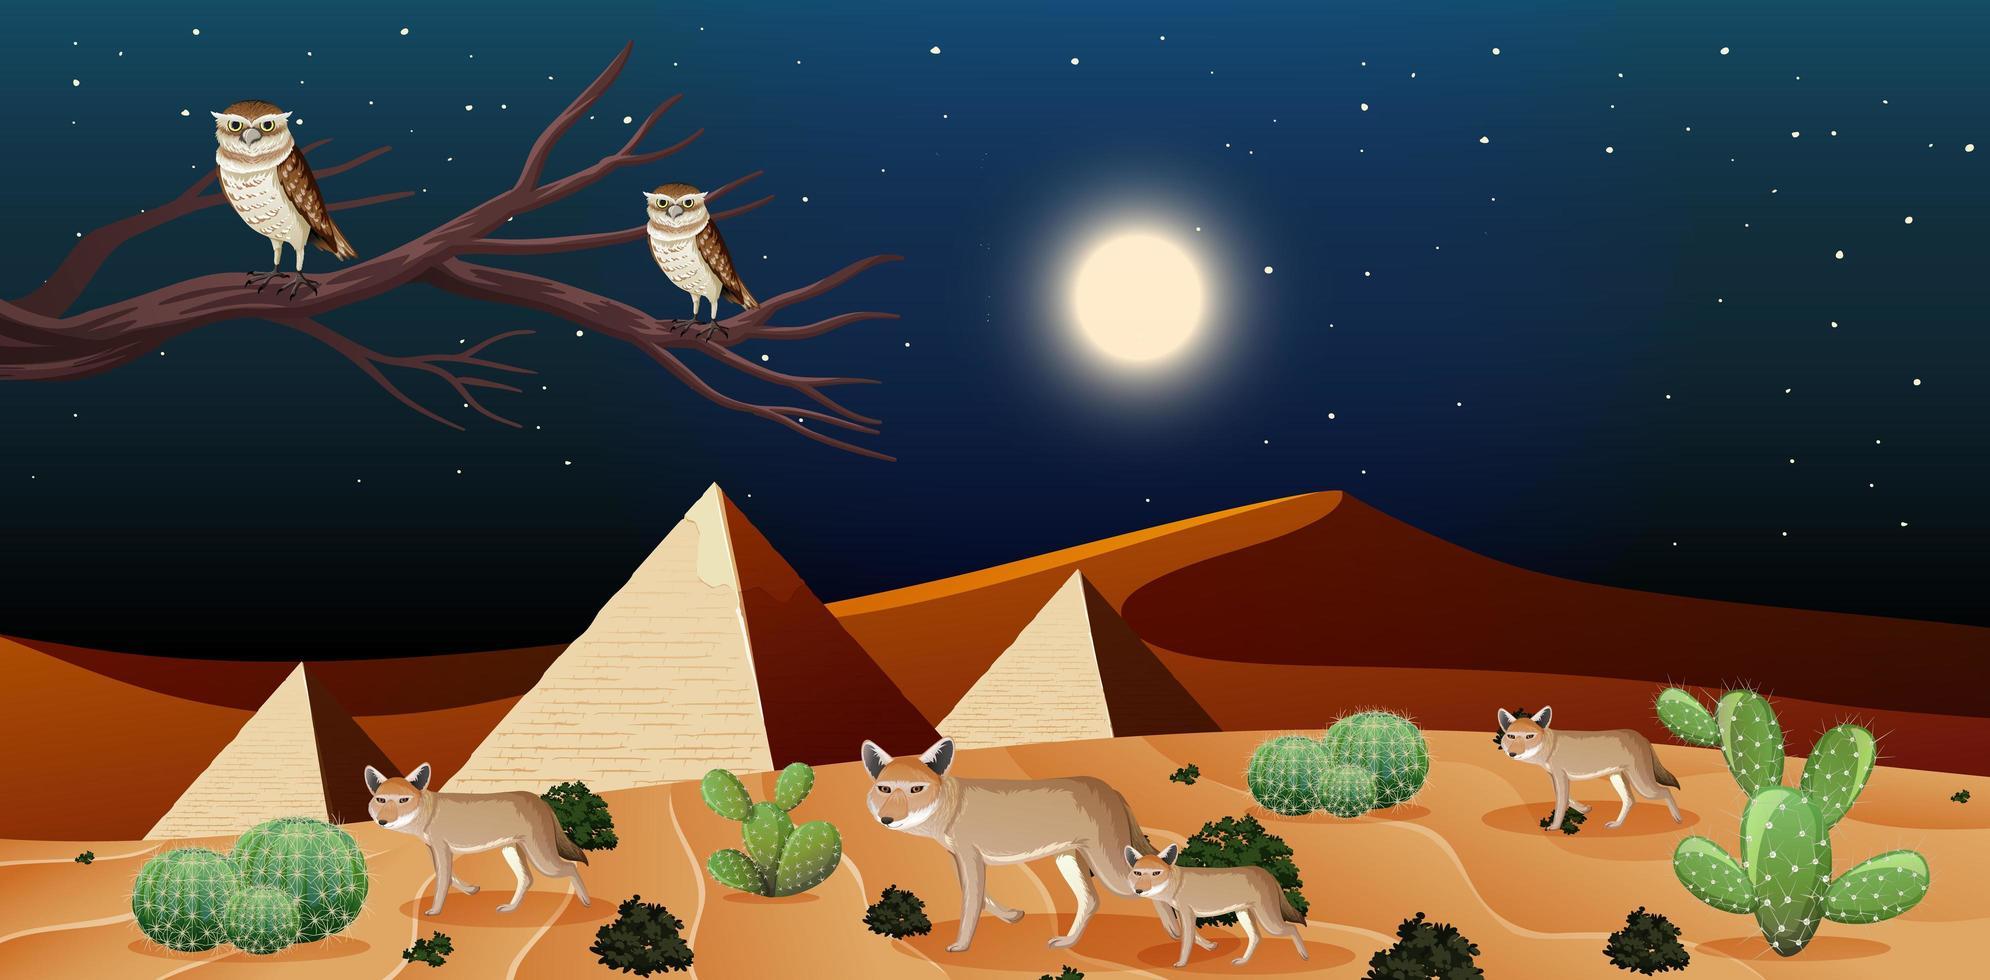 paesaggio desertico selvaggio di scena notturna con piramidi vettore